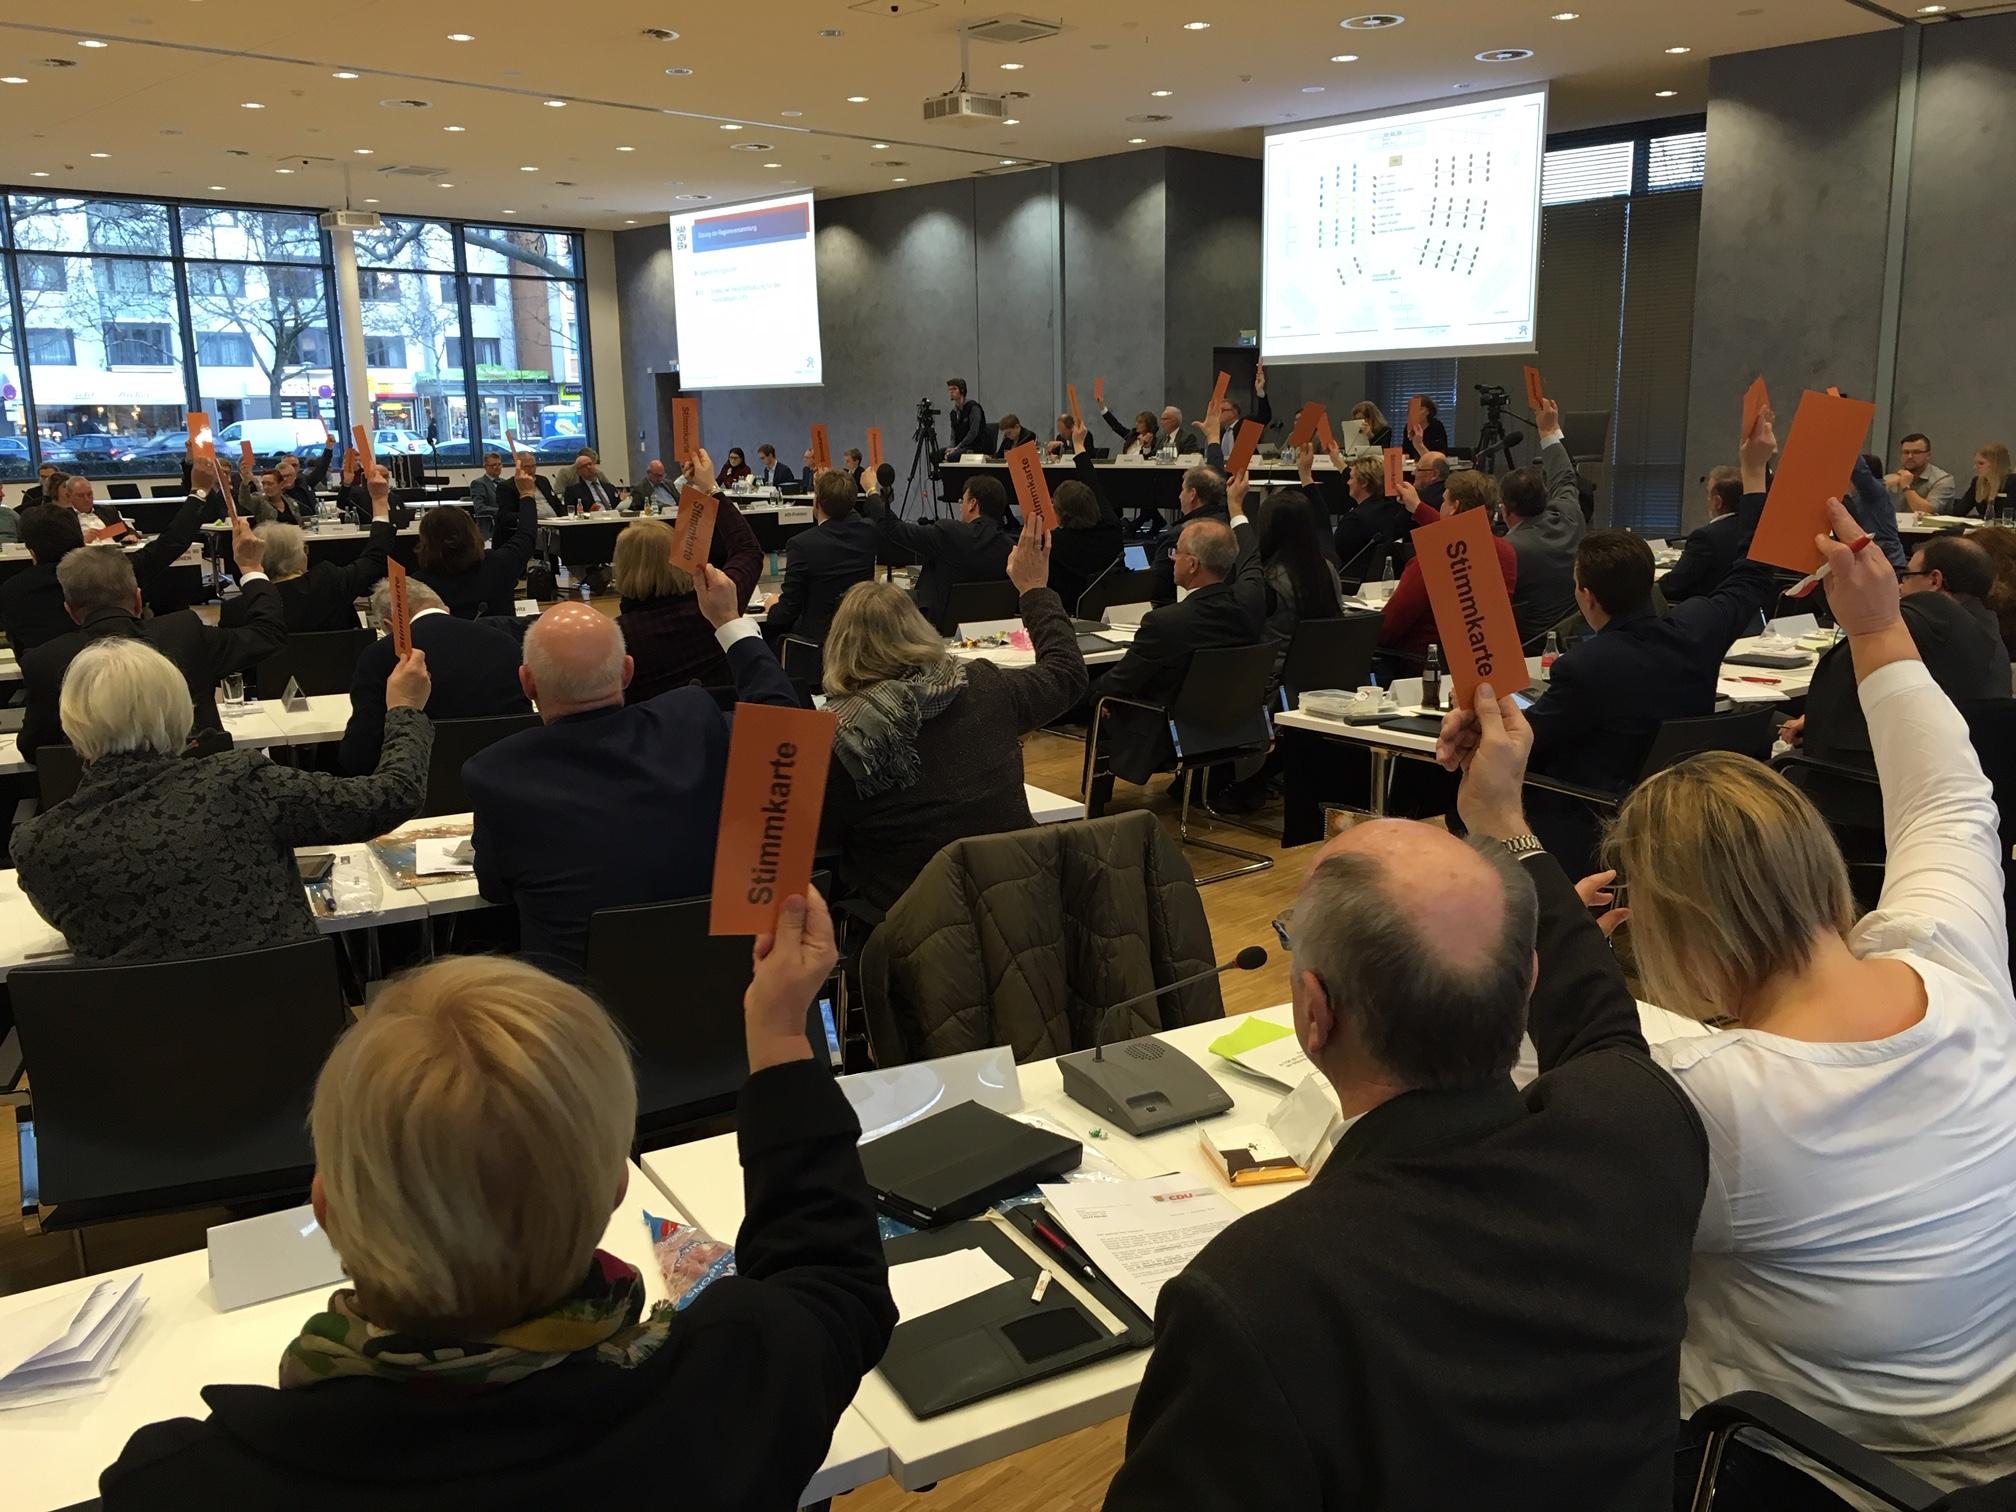 Ein Saal voller Menschen, die an Tischen sitzen. Viele halten eine Stimmkarte in die Höhe.